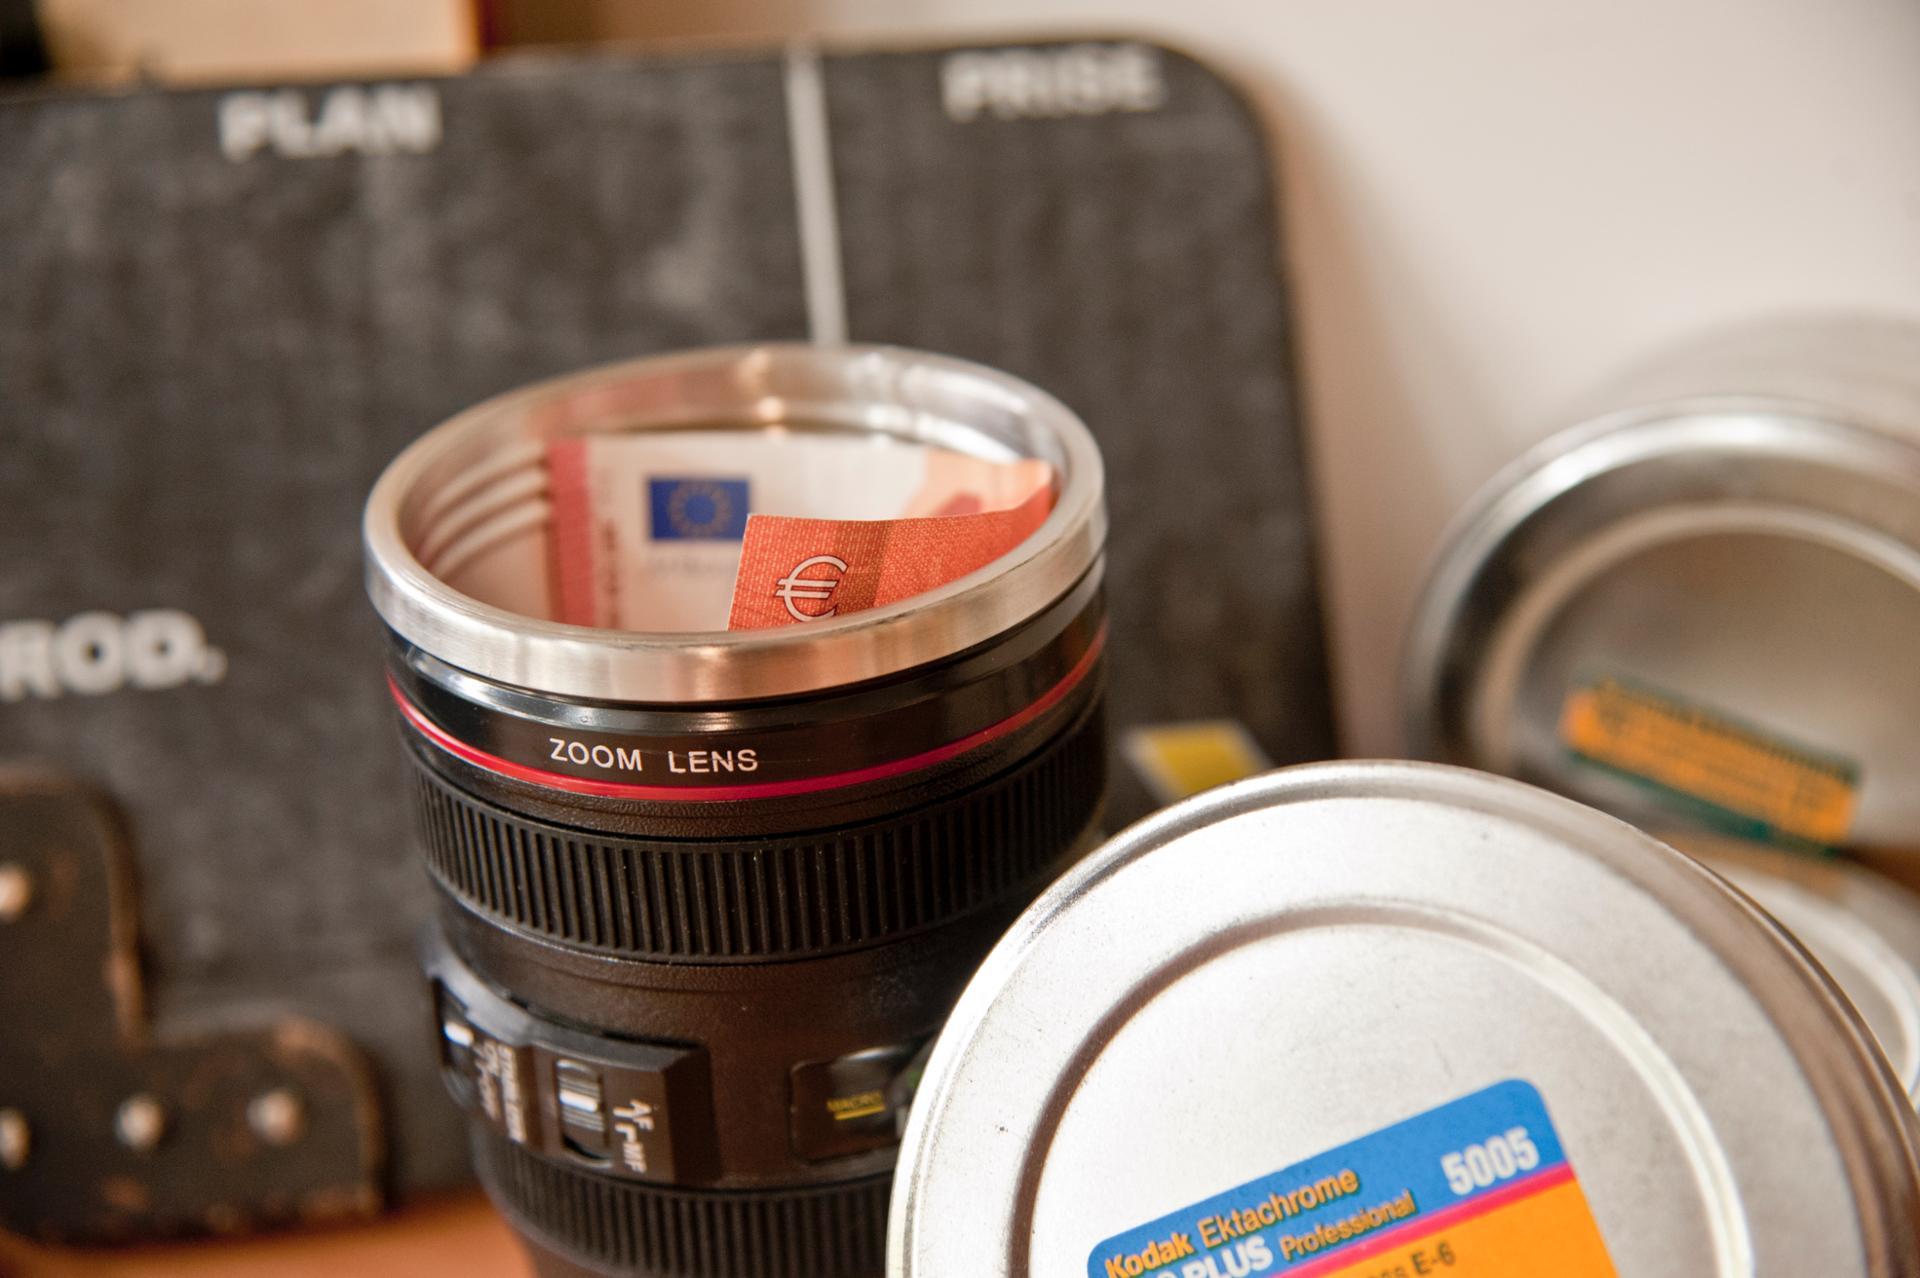 photocash.jpg